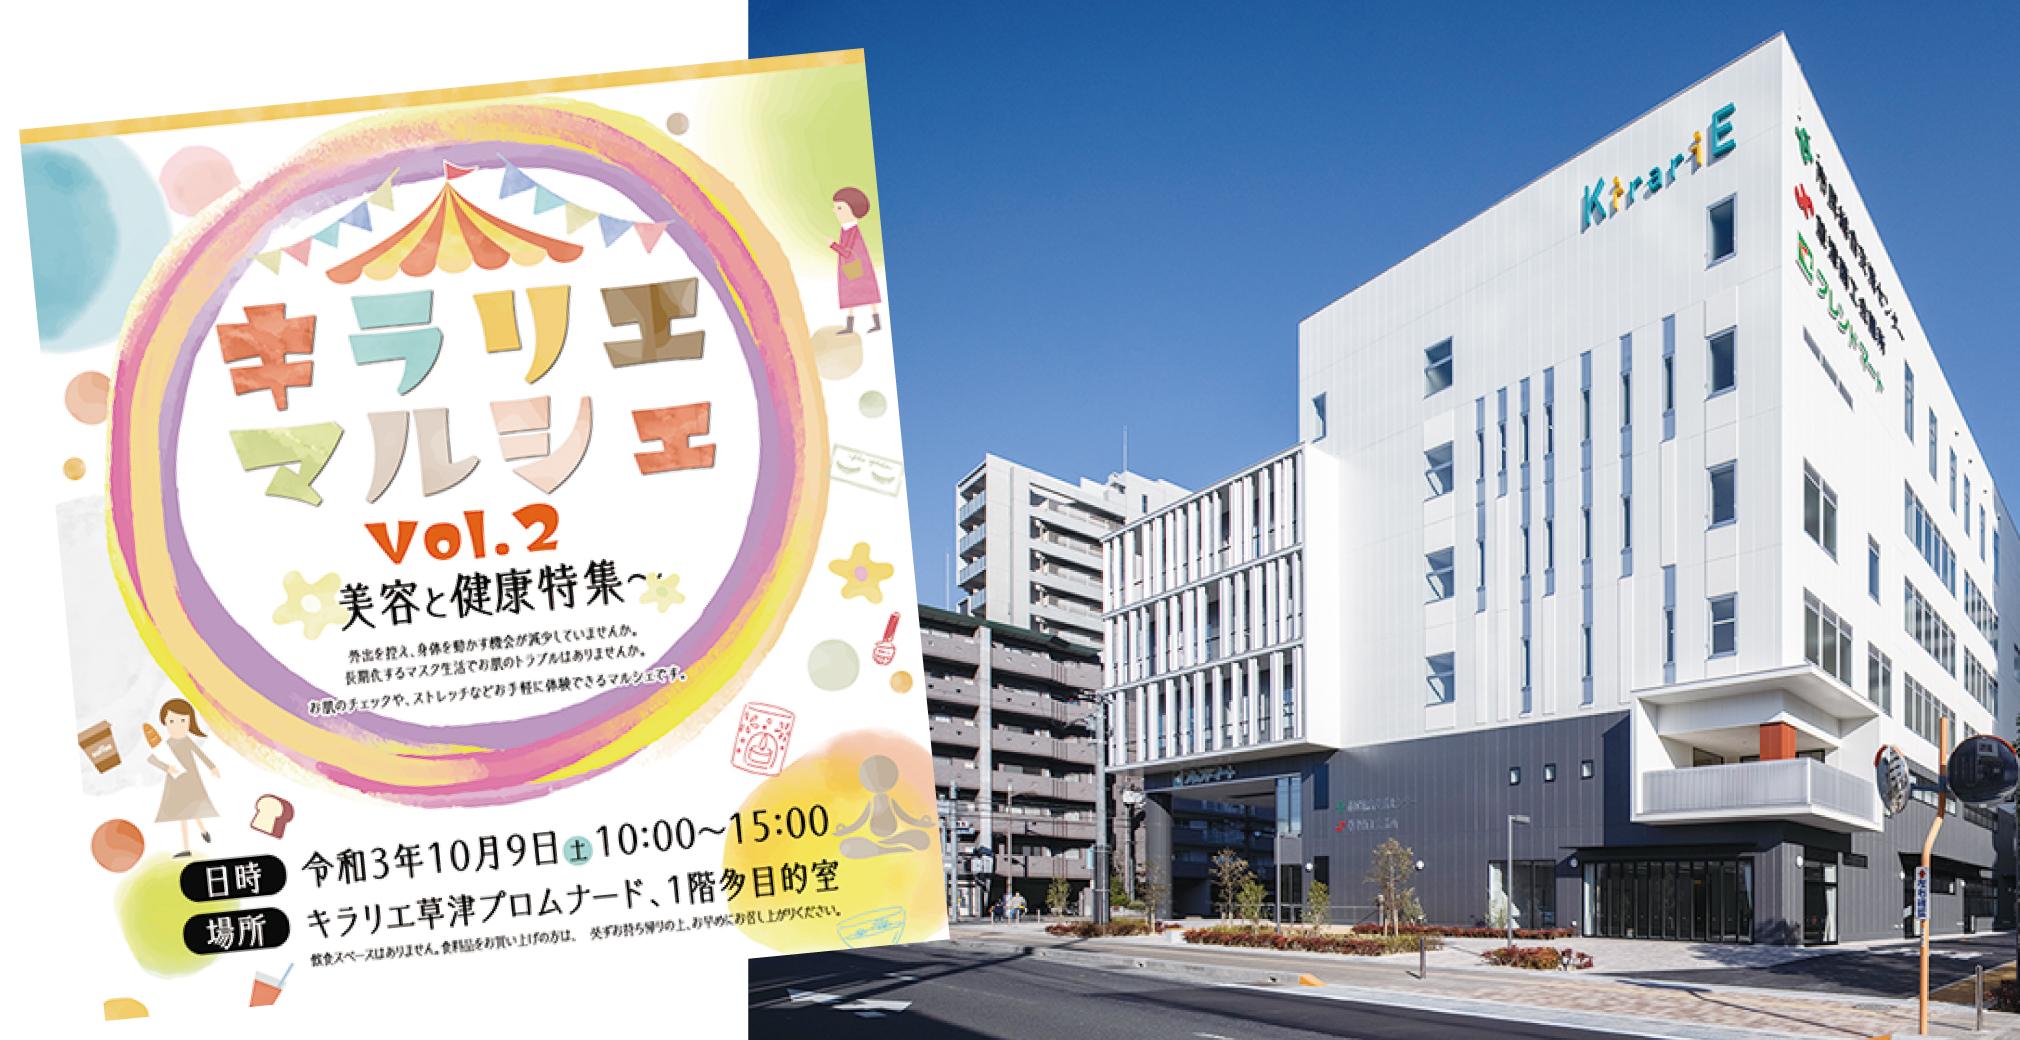 10/9(土)キラリエマルシェ vol.2 〜 美容と健康特集 〜